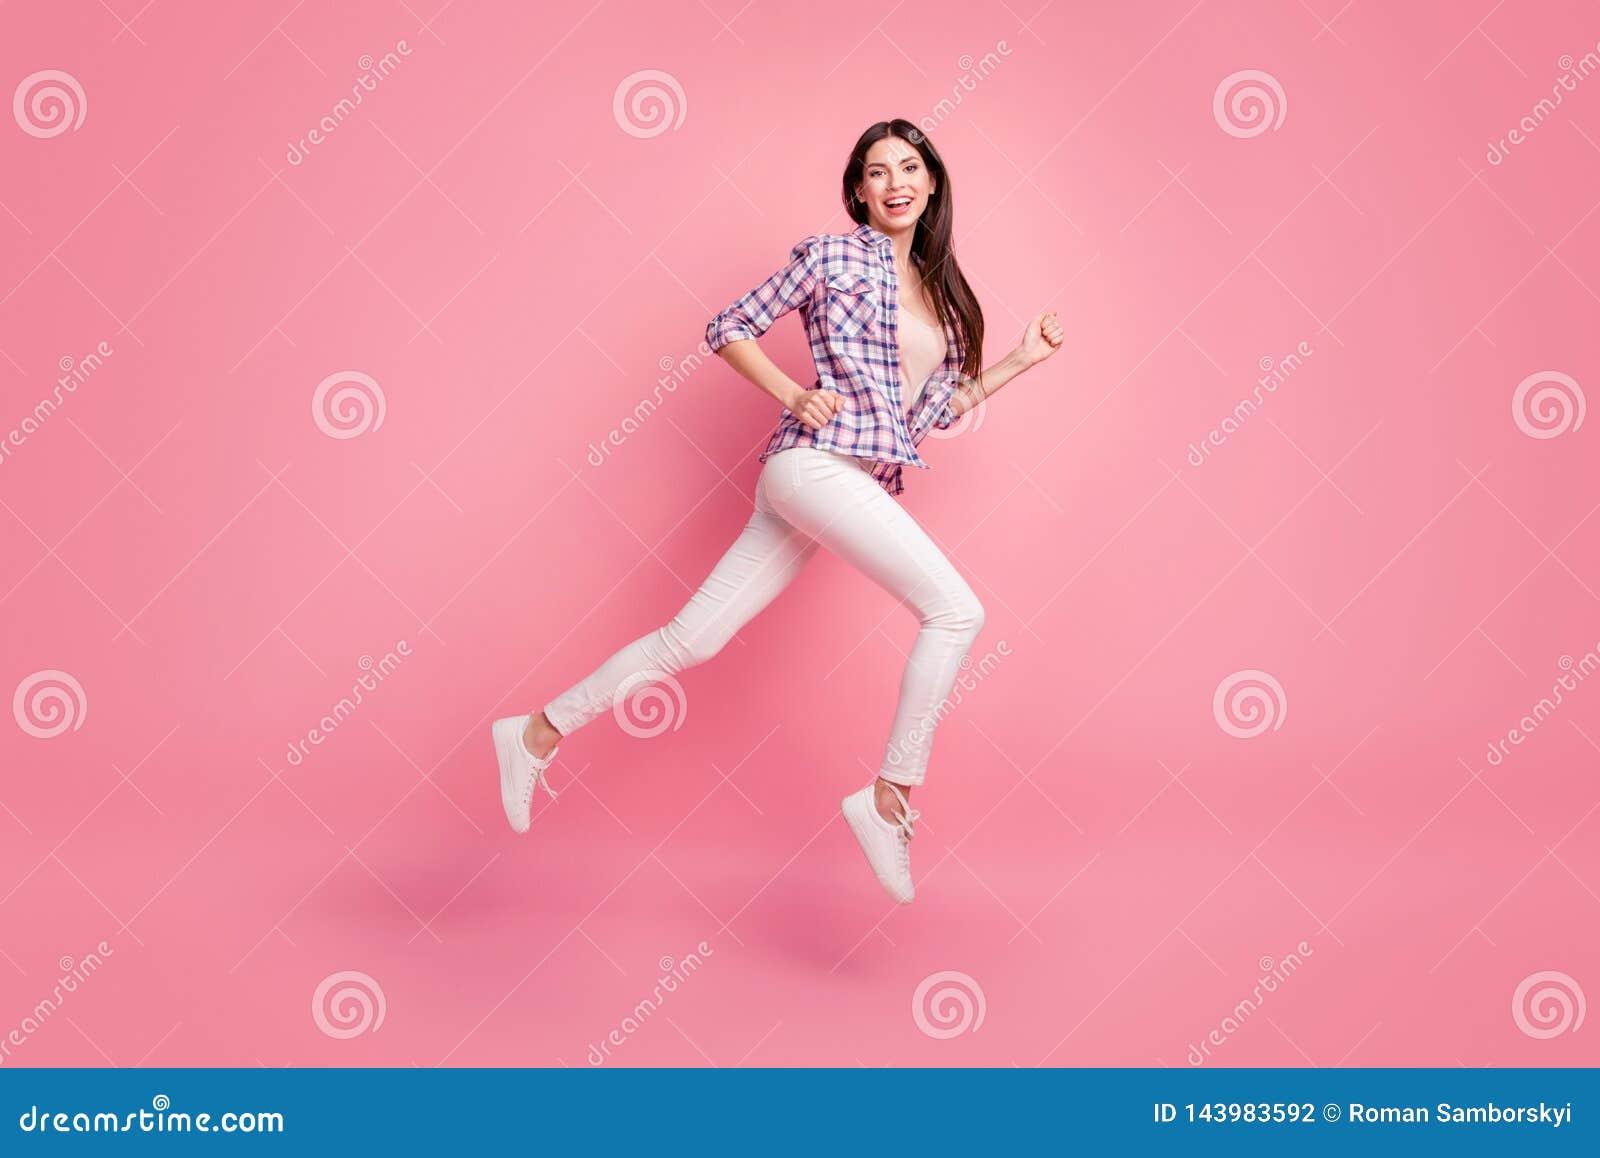 Pełna długości strony profilu ciała rozmiaru fotografia piękna ona modeluje damy skacze wysoko iść biegać sprzedaży odzieży dysko